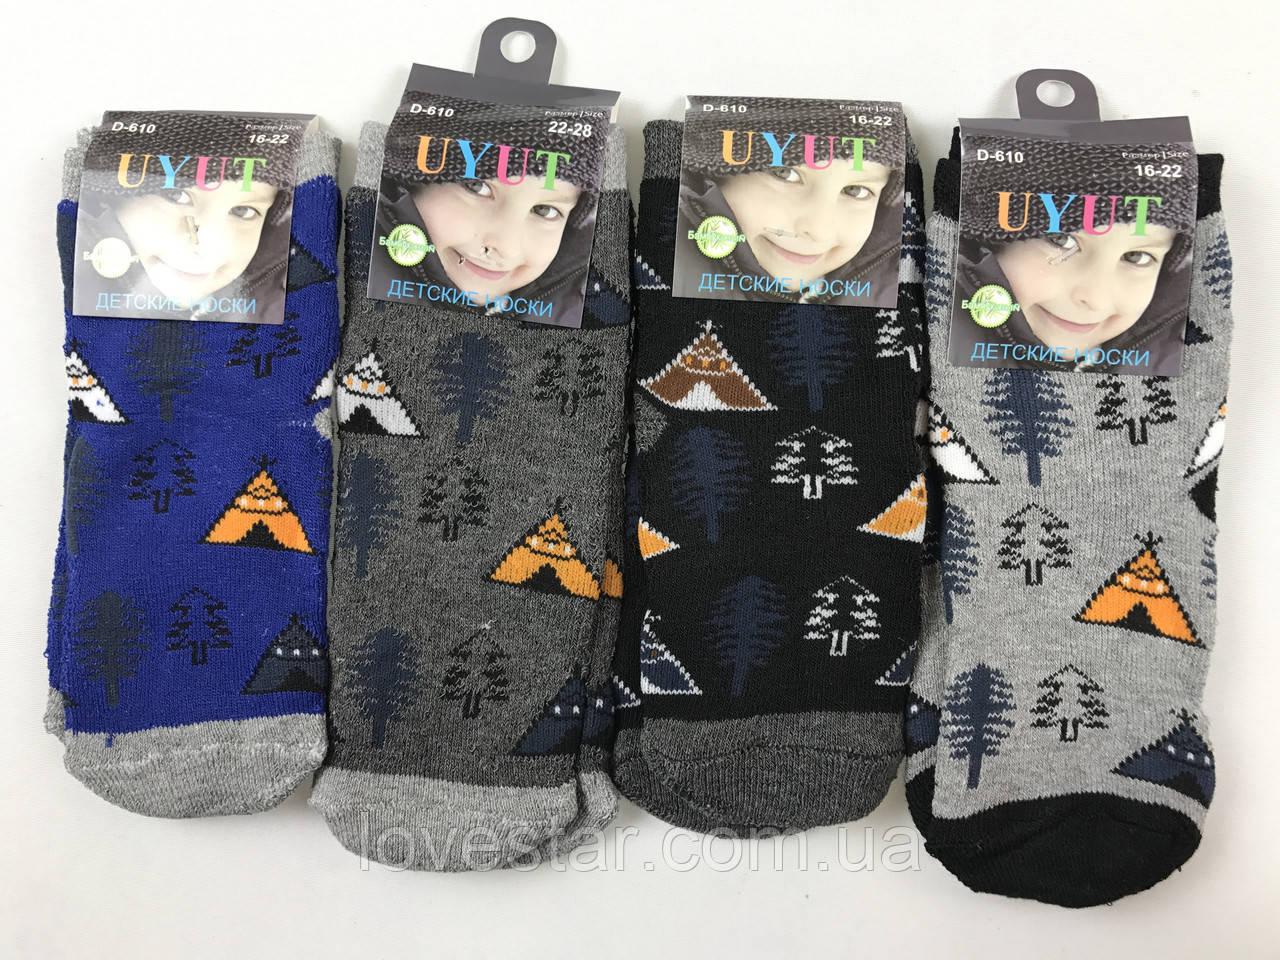 Детские махровые носки Уют 75%бамбука Р.р M